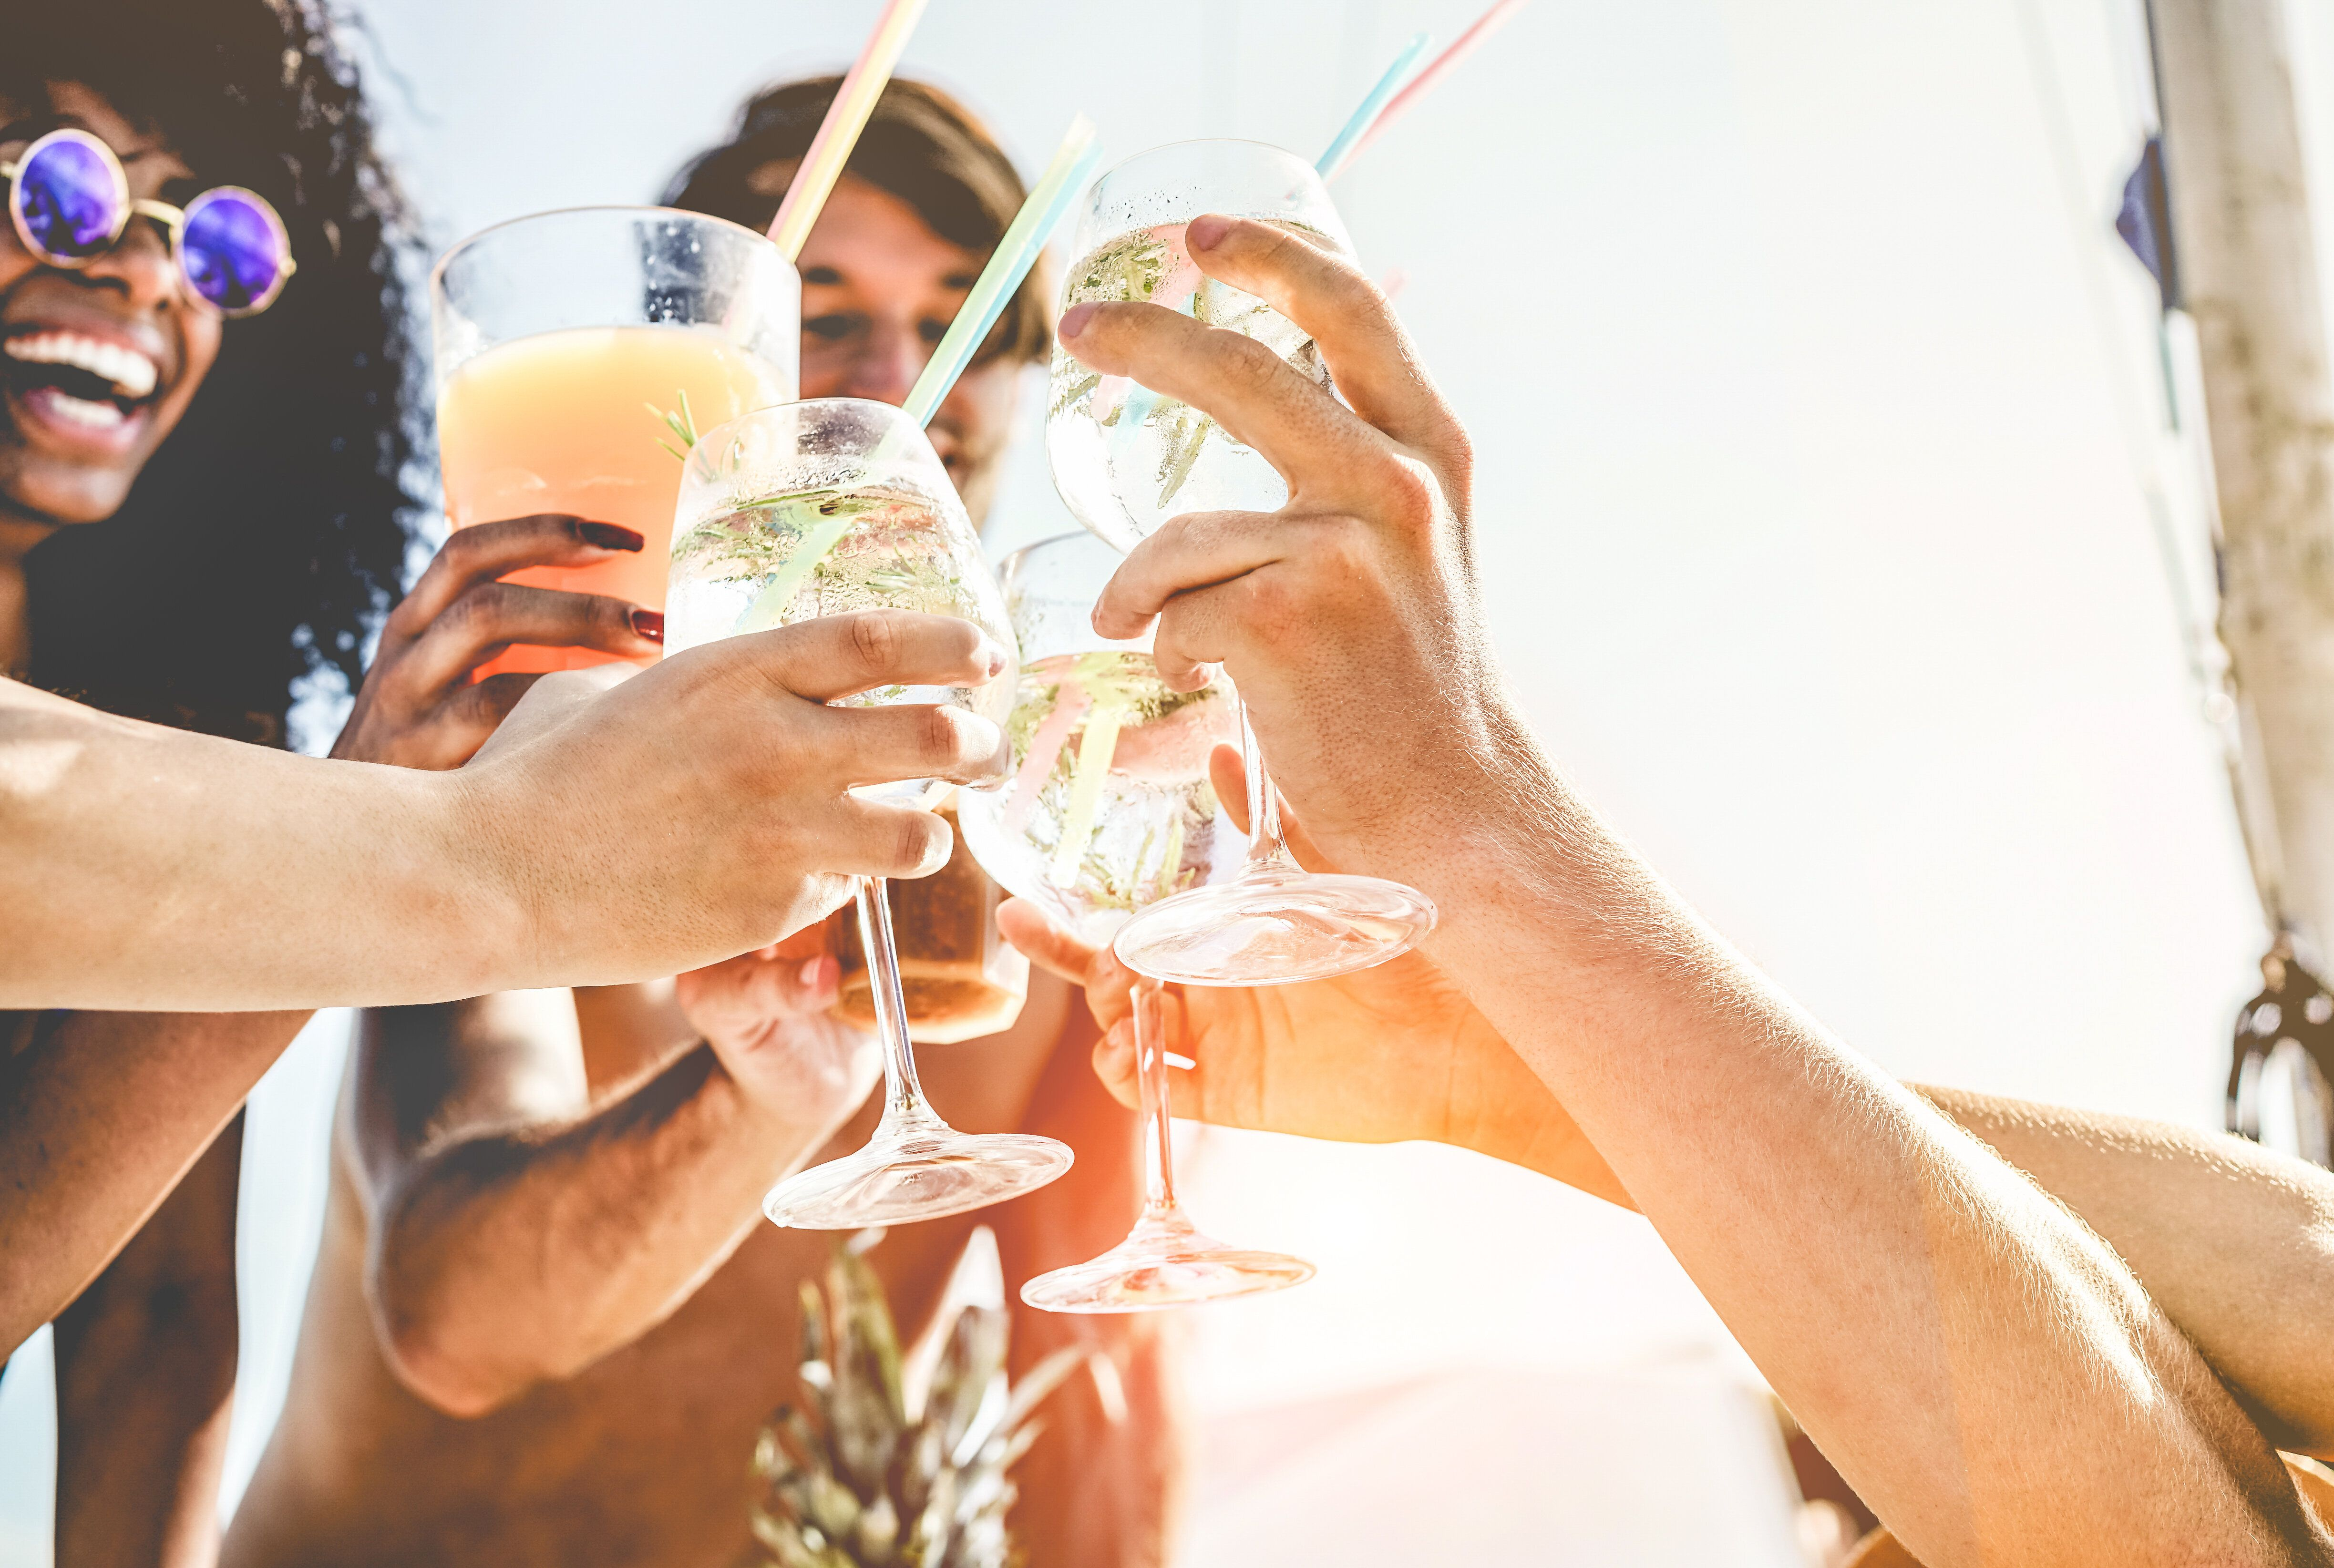 Τι πρέπει να προσέχουμε το καλοκαίρι όταν πίνουμε